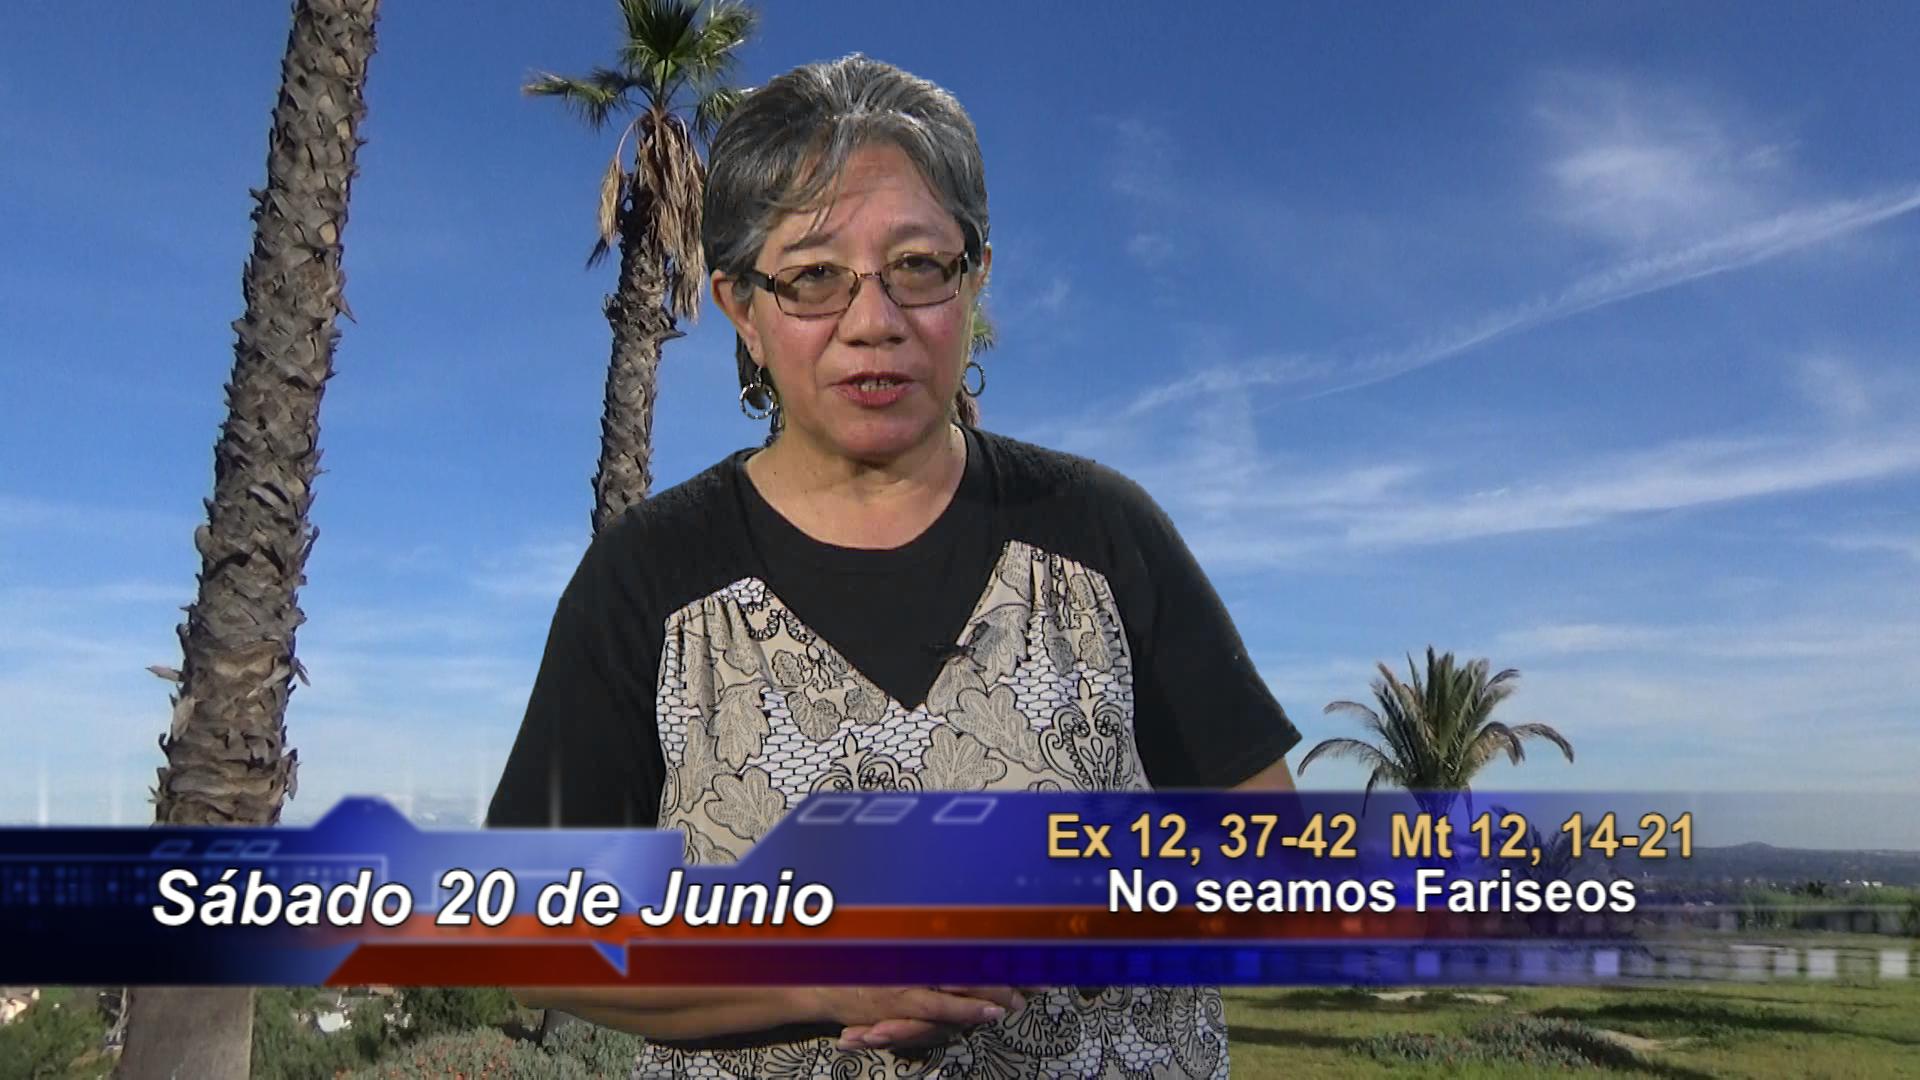 Artwork for Dios te Habla con Lidia Mendoza; El tema:  No seamos Fariseos